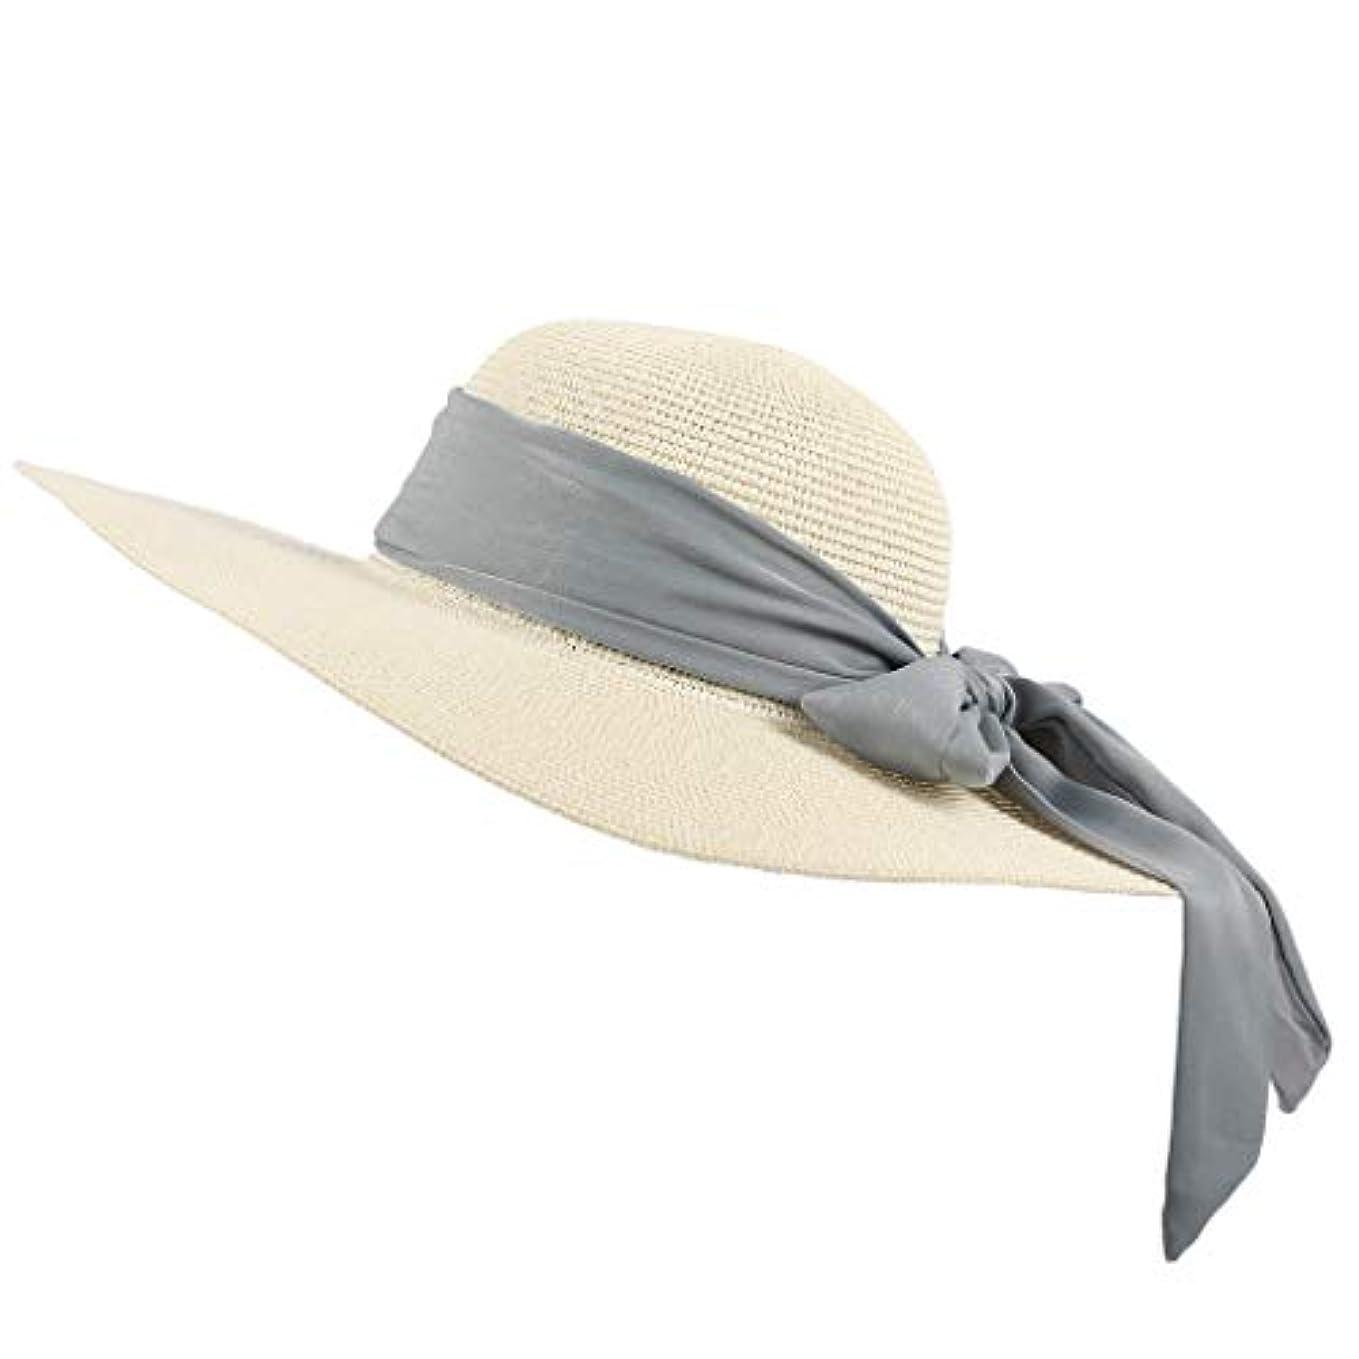 公演東方アッパー帽子 レディース ROSE ROMAN UVカット ハット 紫外線対策 可愛い 小顔効果抜群 日よけ つば広 おしゃれ 可愛い 夏季 海 旅行 無地 ビーチ 海辺 ワイルド パーティー ダンスパーティー パーティー シンプル 発送